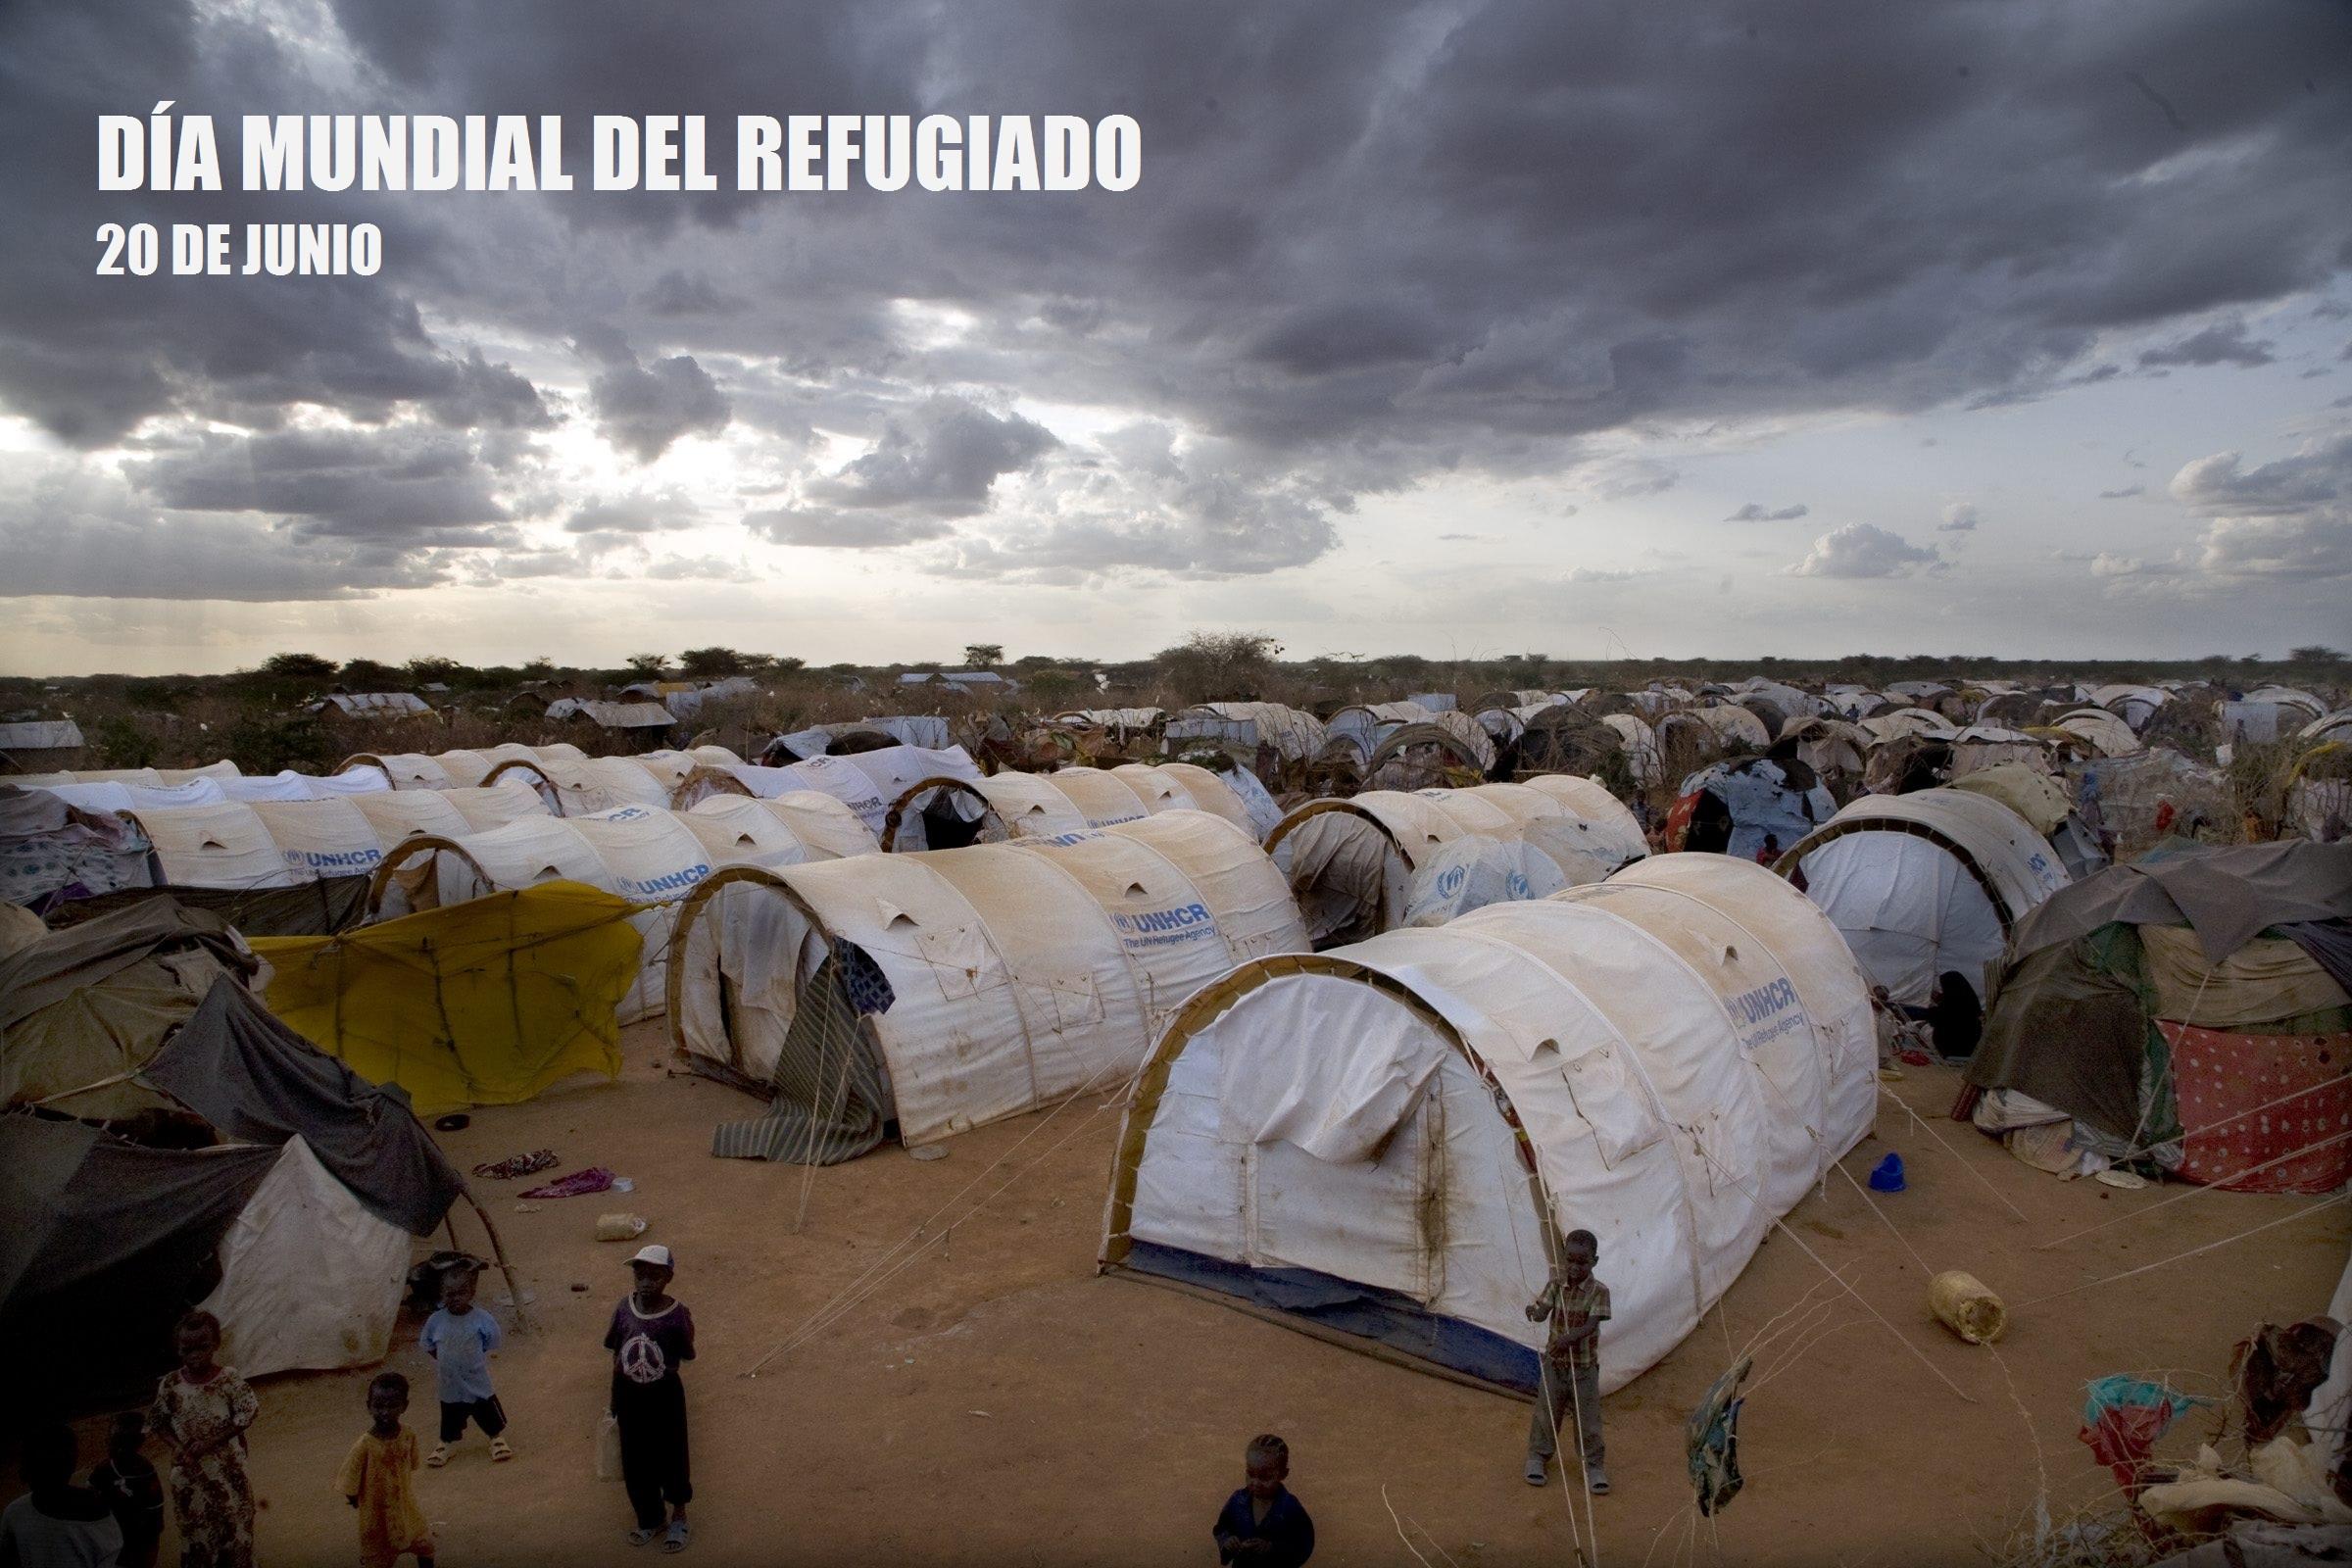 Cada año se celebra el Día Mundial de los Refugiados donde se invita a hacer consciencia y rescatar los valores.